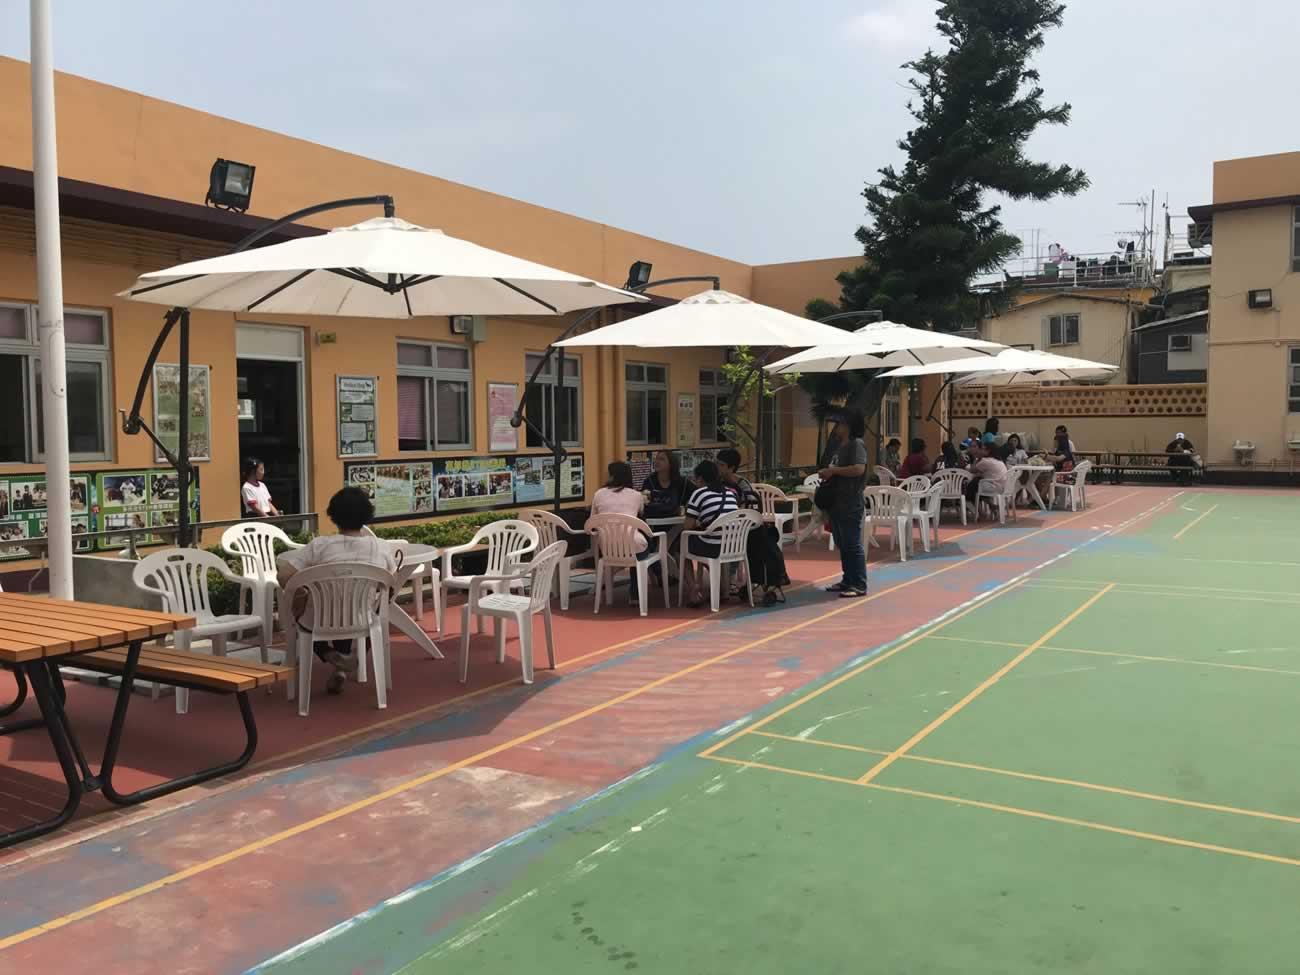 國民小學裡,學校與家長關係密切,家長們都喜歡在操場的戶外坐位上與街坊聊天等孩子放學。